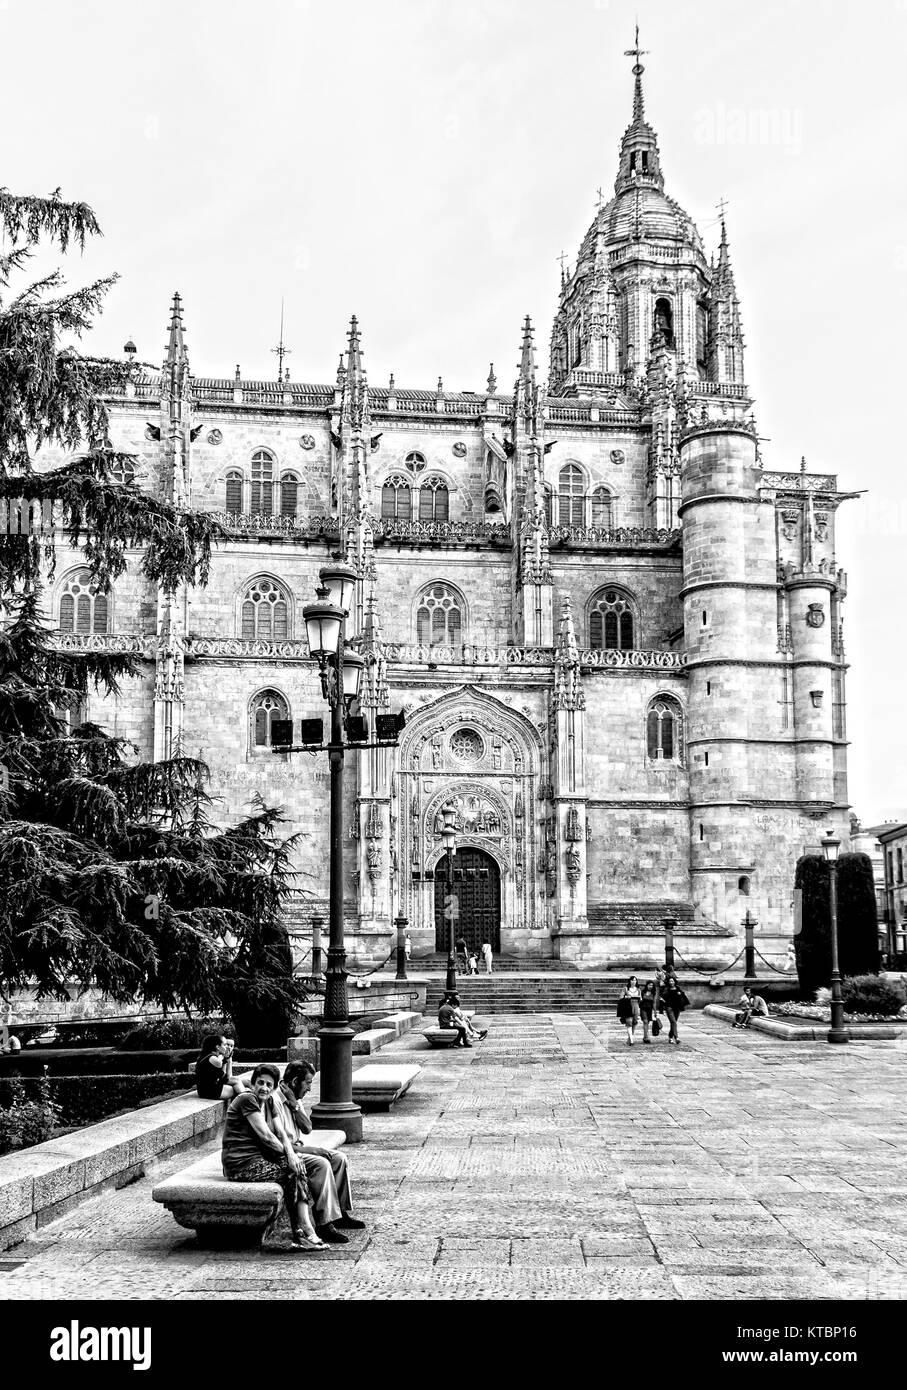 Catedral de Salamanca. Ciudad Patrimonio de la Humanidad. Castilla León. España - Stock Image